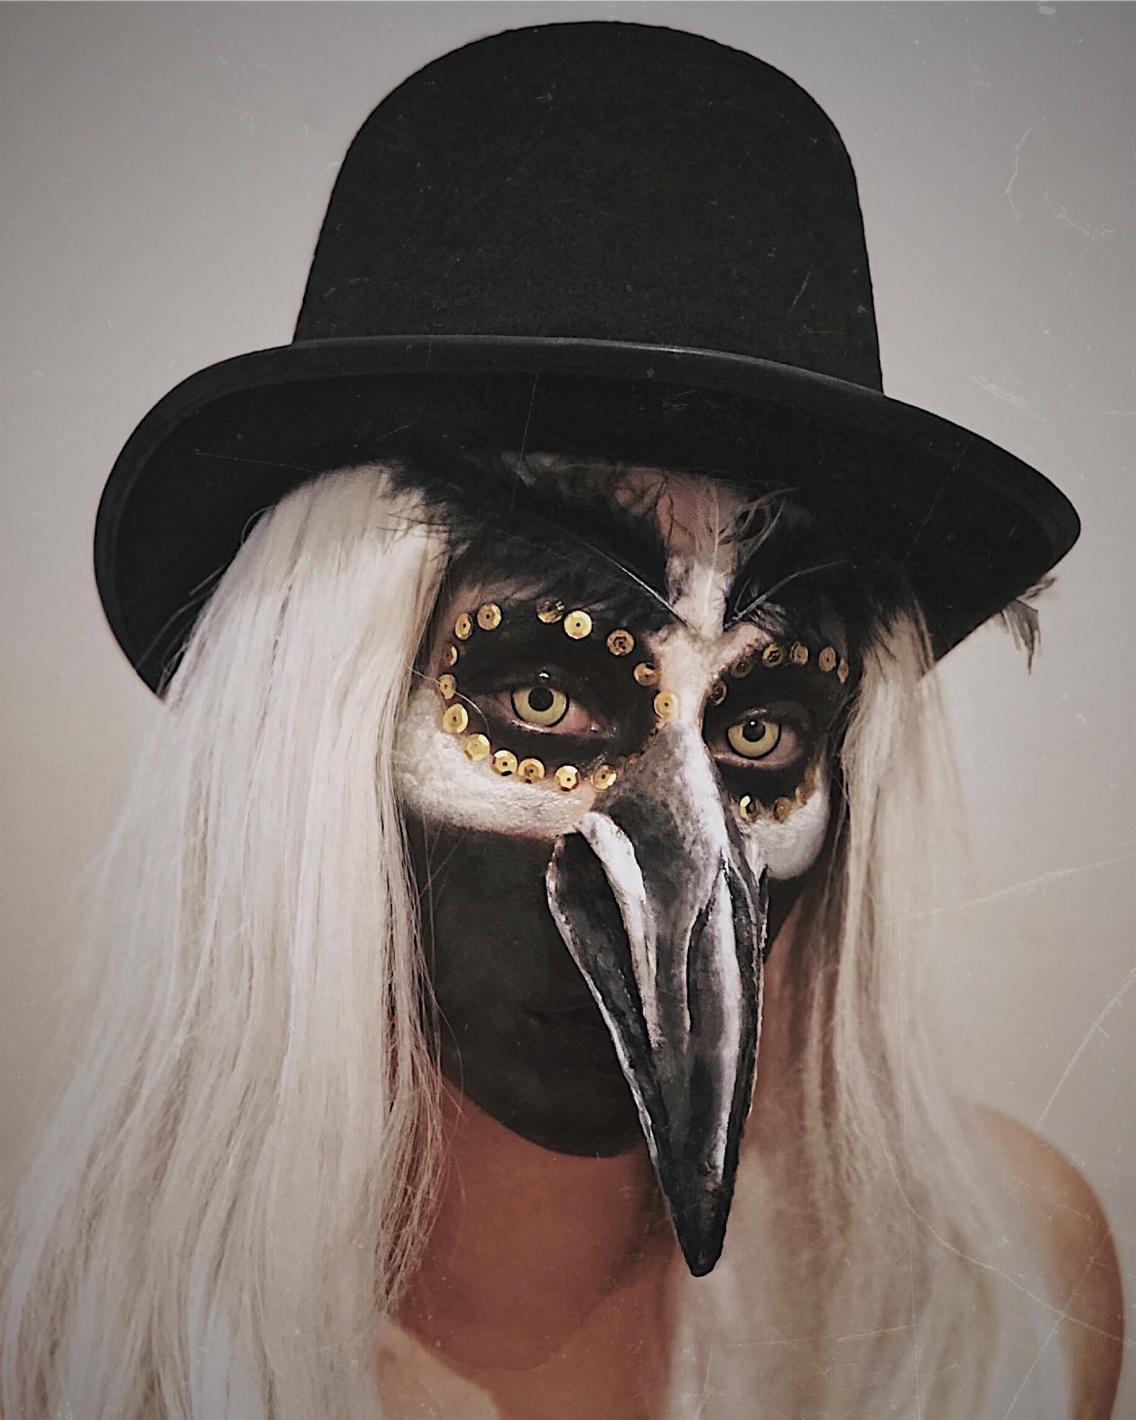 Bird Halloween Makeup.Halloween Makeup Sfx Sfxmakeup Makeup Halloween Halloweenmakeup Bird Crow Concept Vsco Kiekua Vsco